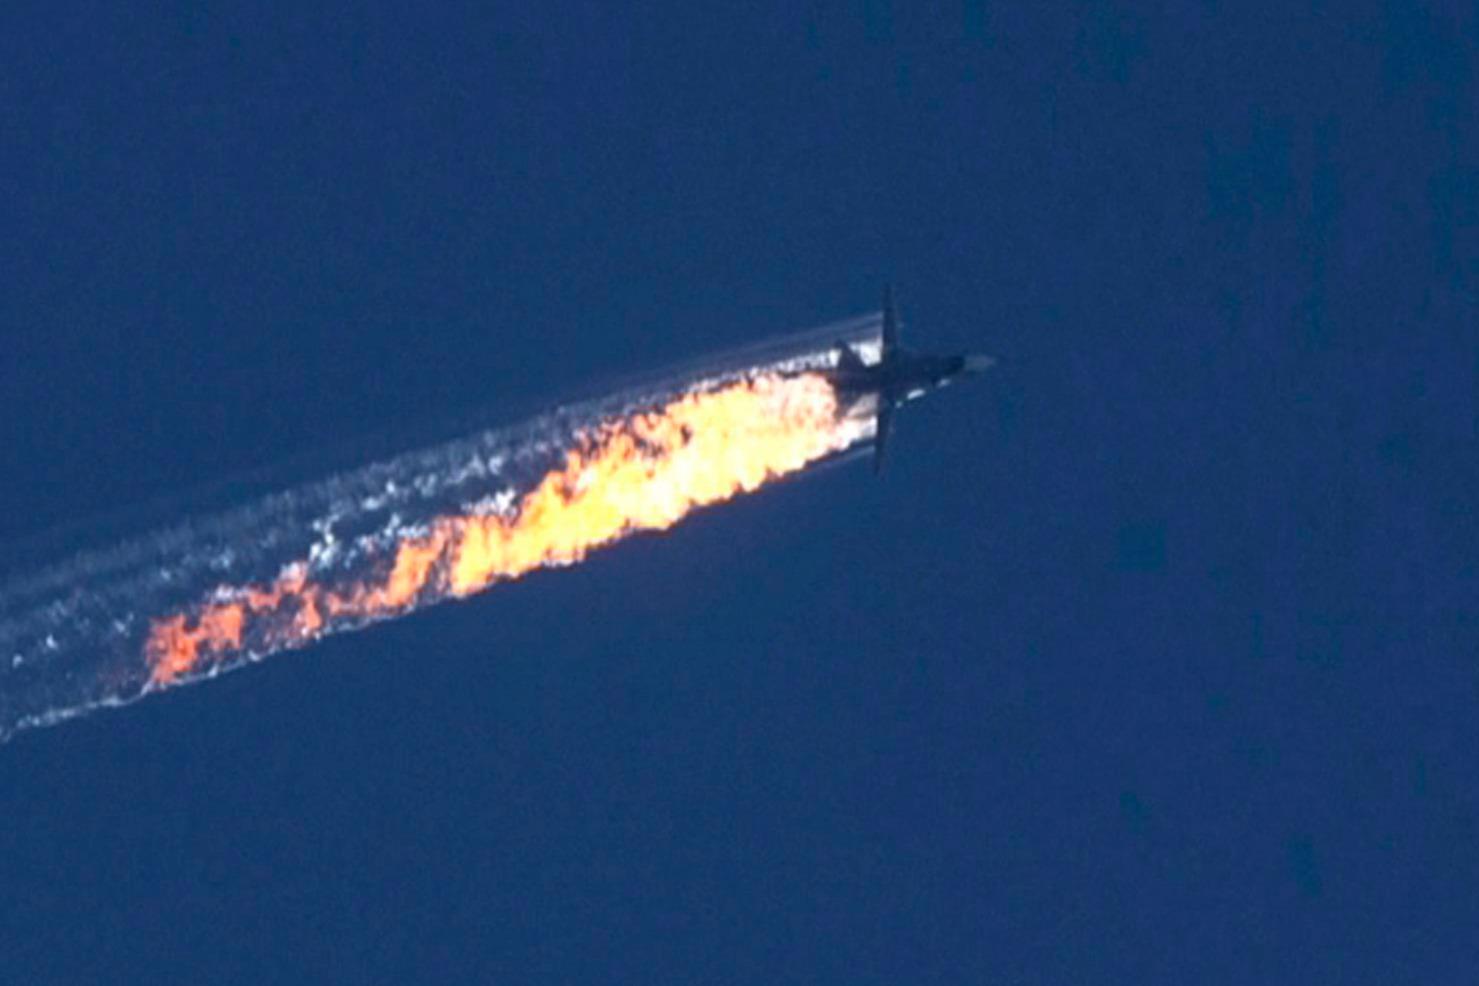 Török-szíriai határ, 2015. november 24. A HaberTürk TV adásáról készített képen kigyulladt repülőgép zuhan le 2015. november 24-én, miután török harci gépek lelőtték a Szu-24 orosz vadászbombázót a török-szíriai határ térségében. (MTI/EPA/HaberTürk TV)